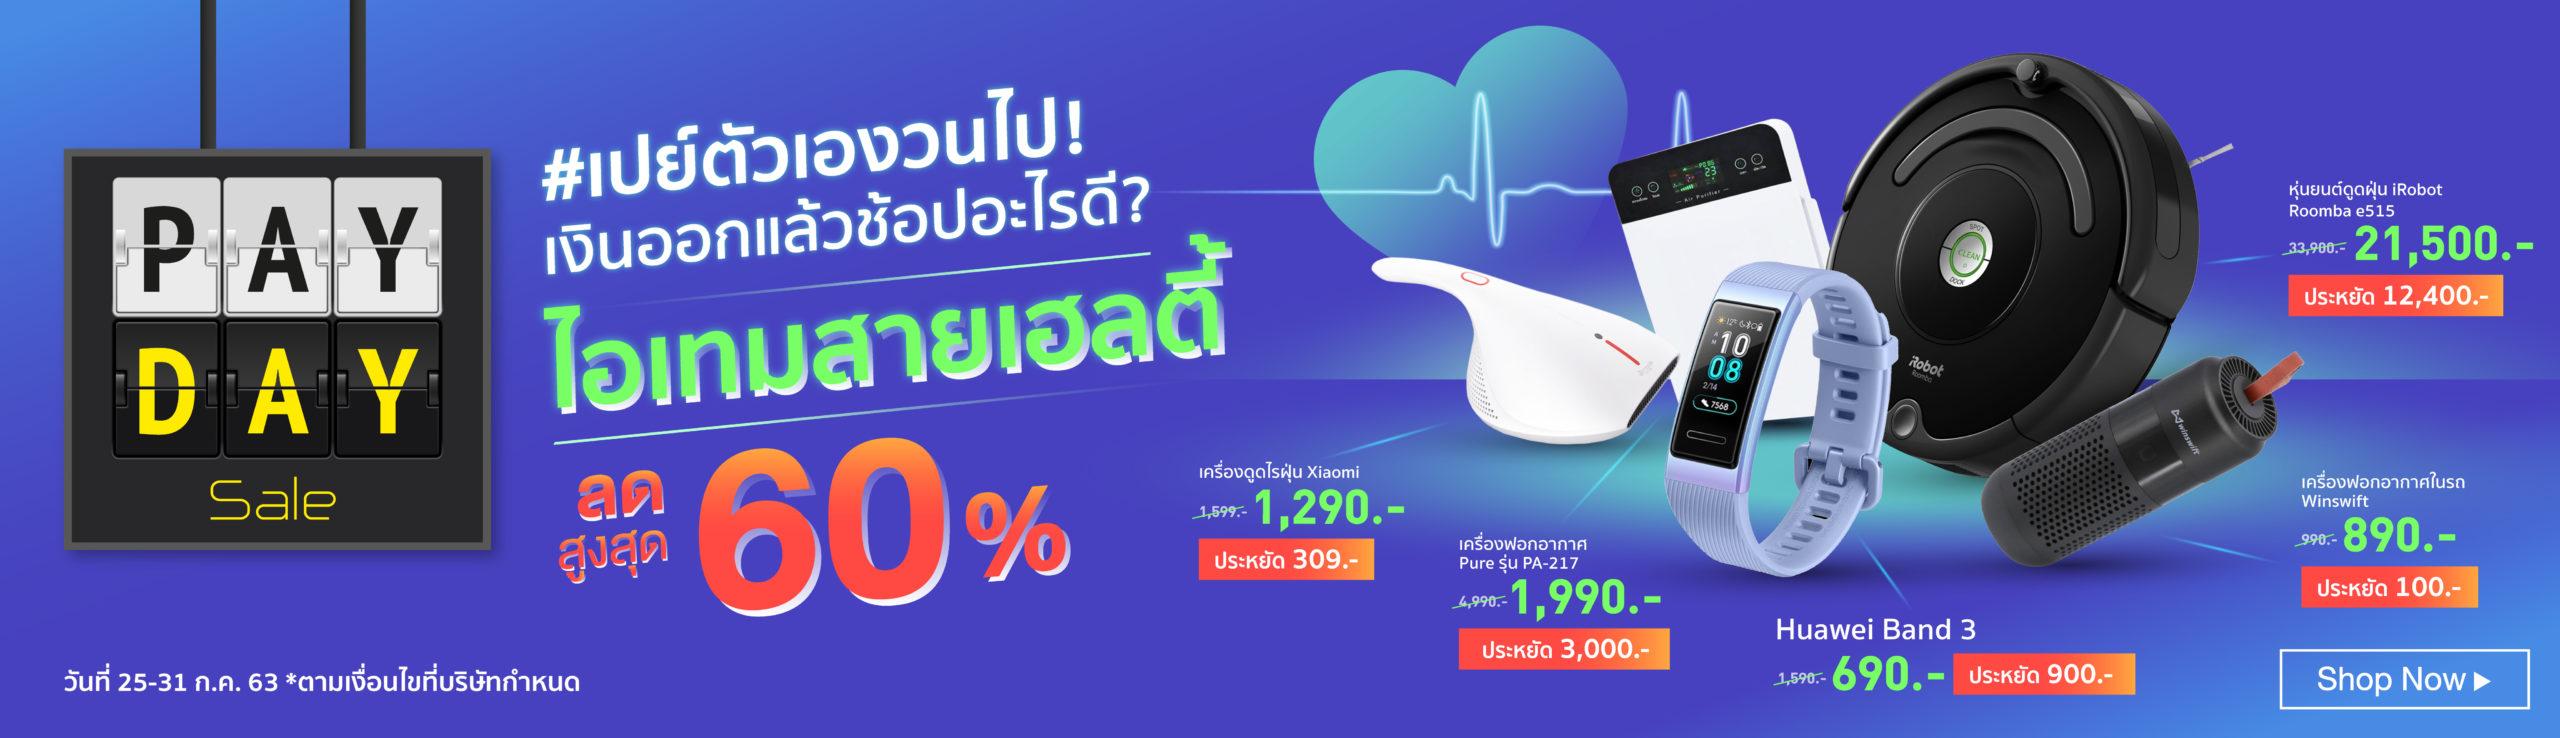 ซื้ออะไรดีใน BaNANA IT Online?